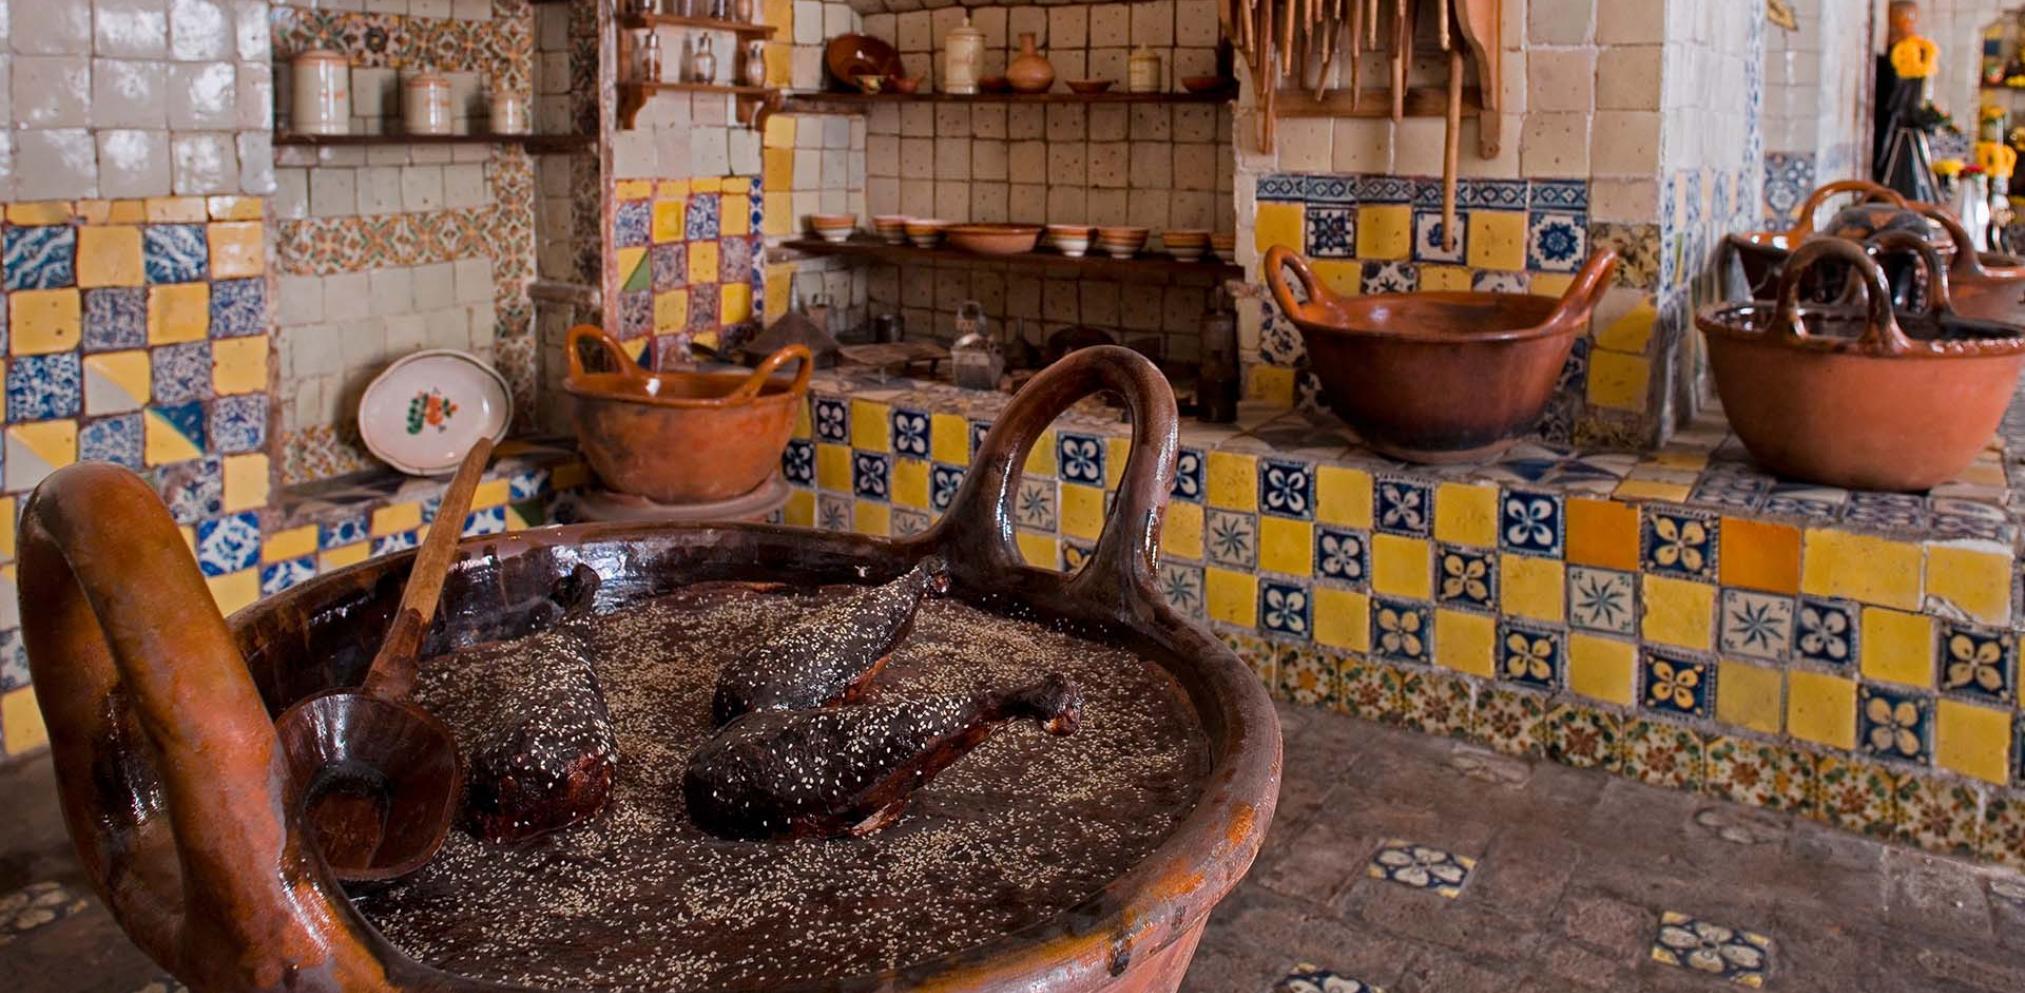 Estado de Puebla_Regiones_principales destinos_Museo de Arte Popular Ex-Convento de Sta Rosa